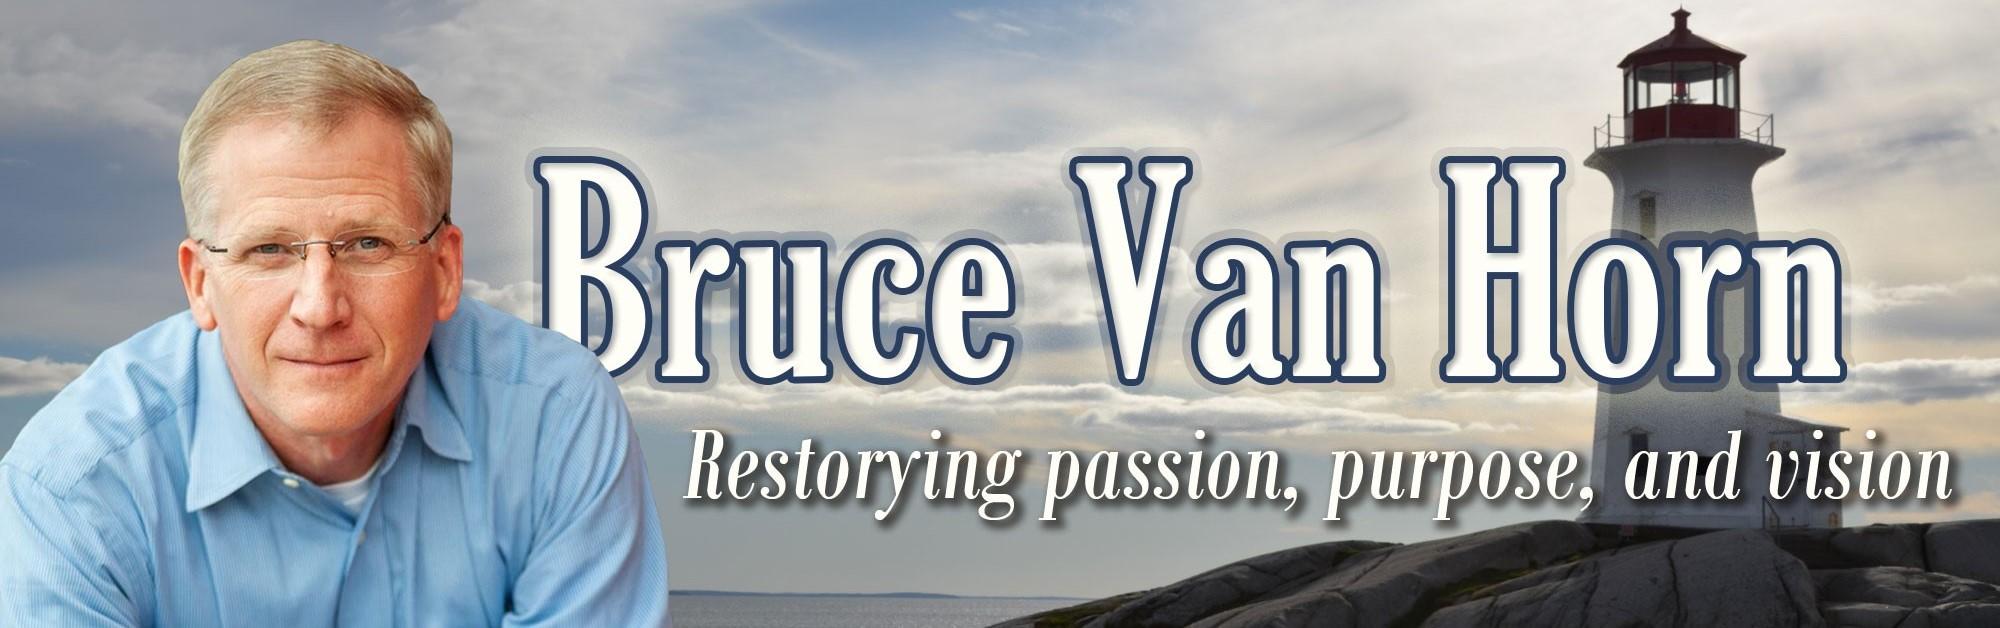 Bruce Van Horn